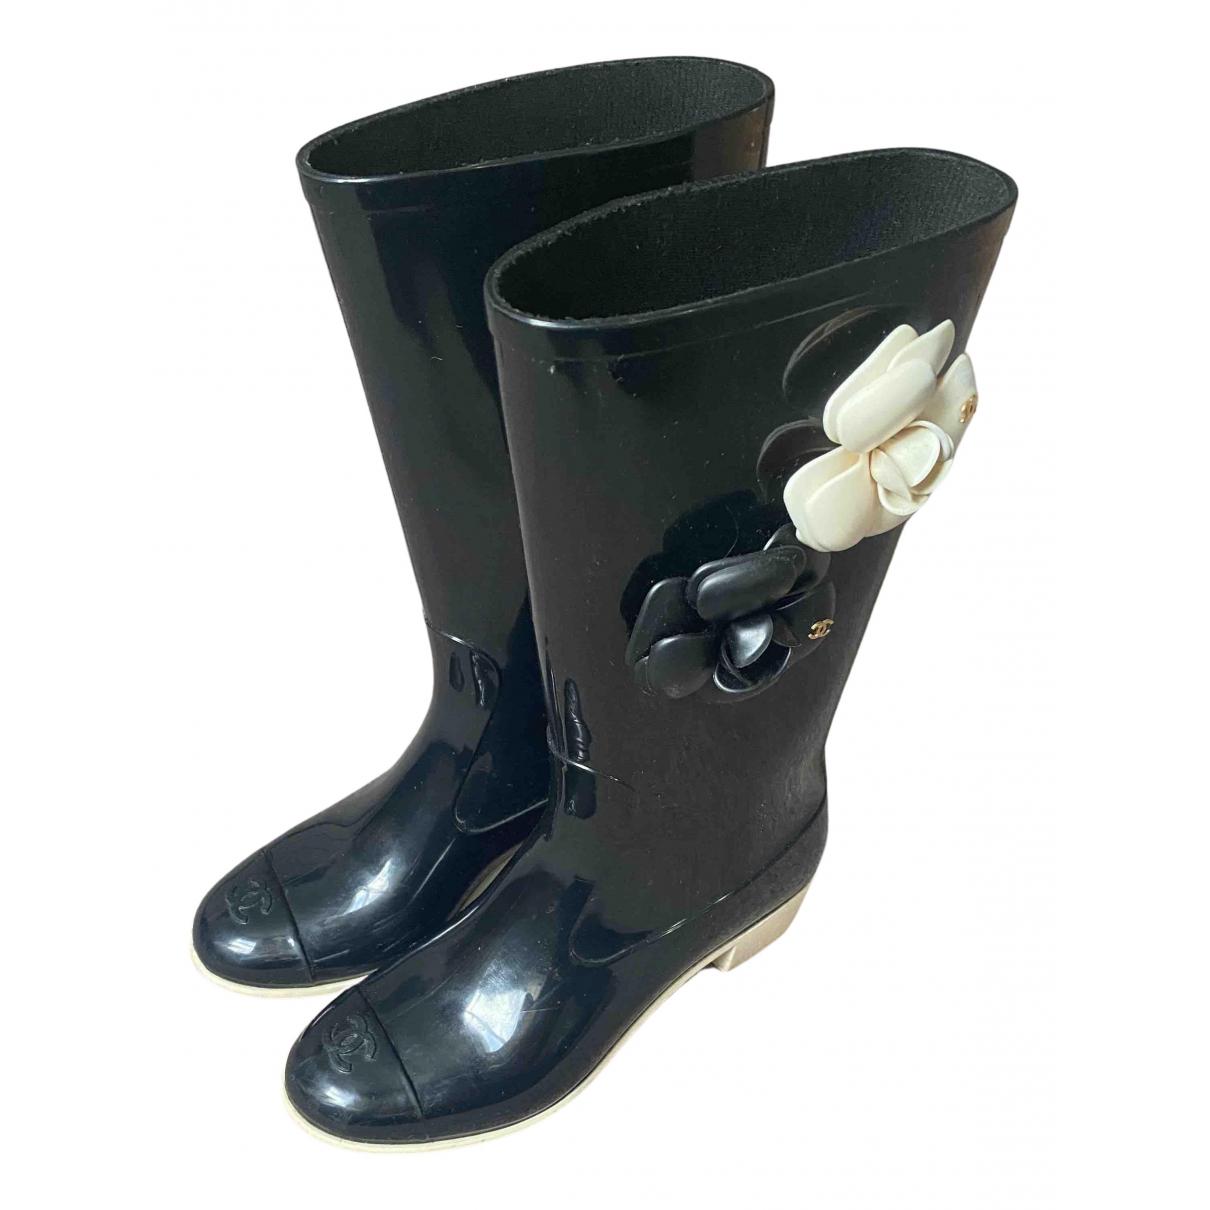 Chanel - Bottes   pour femme en caoutchouc - noir